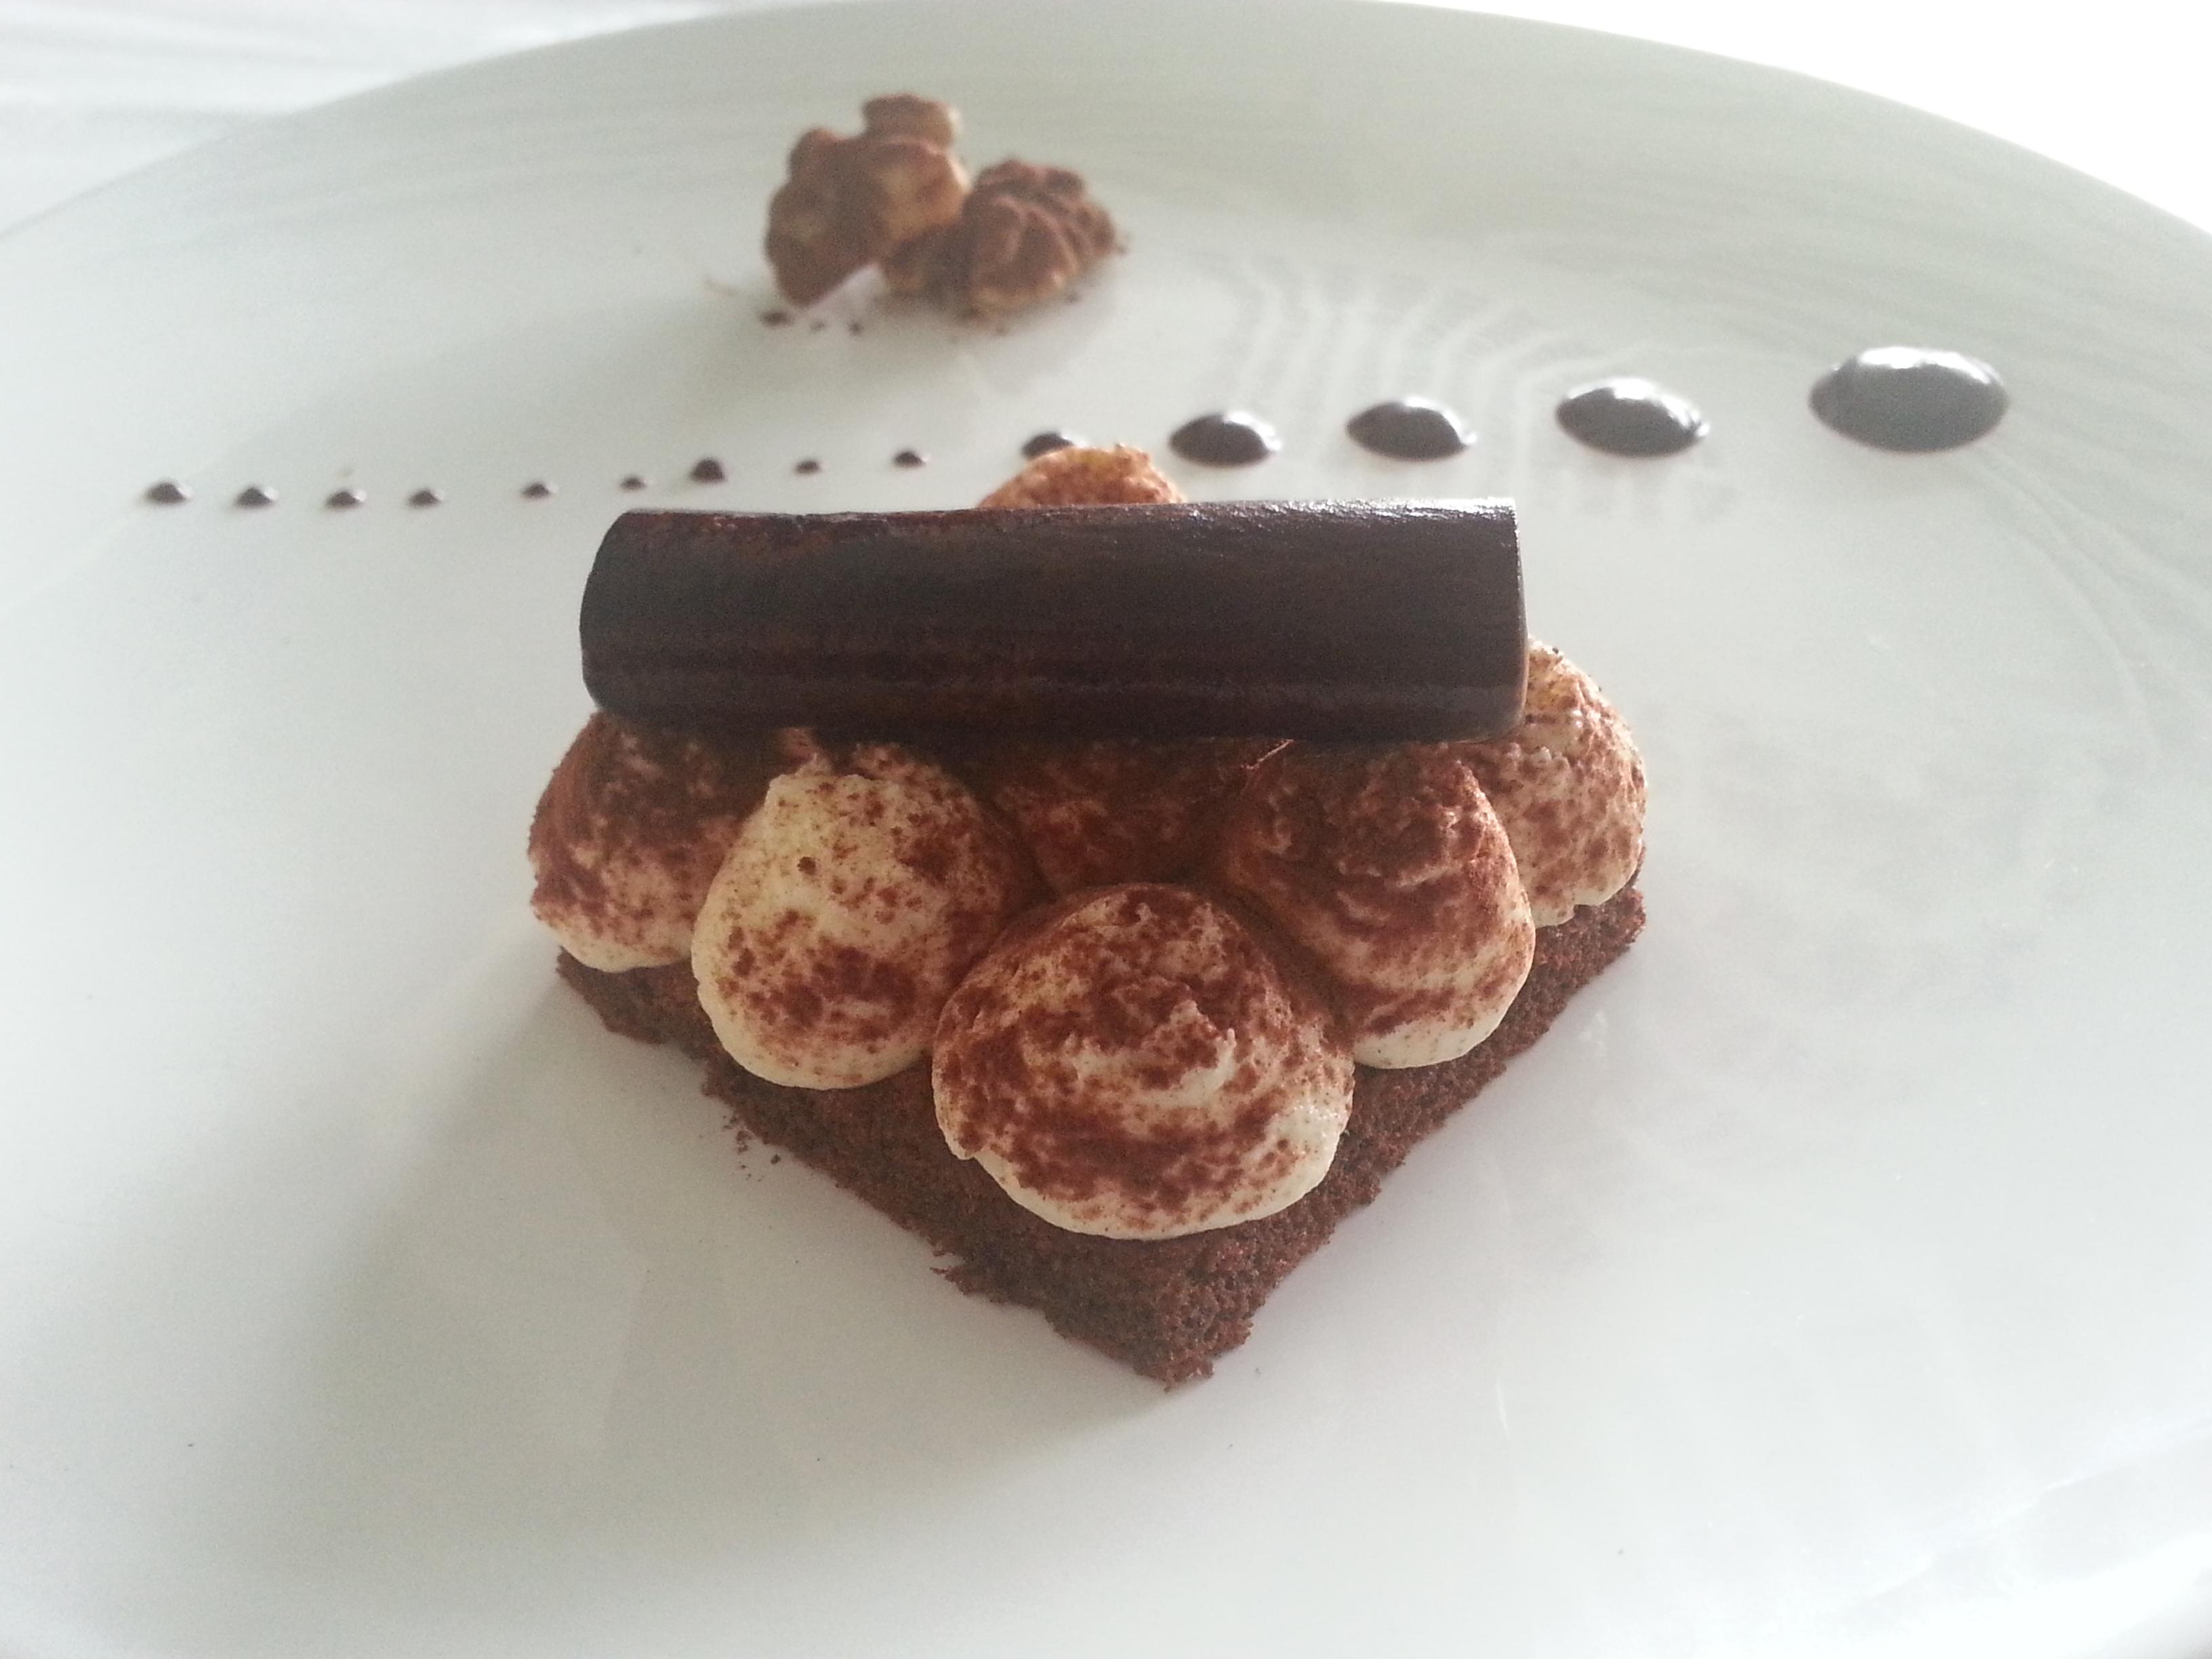 Tiramisu chocolat revisité